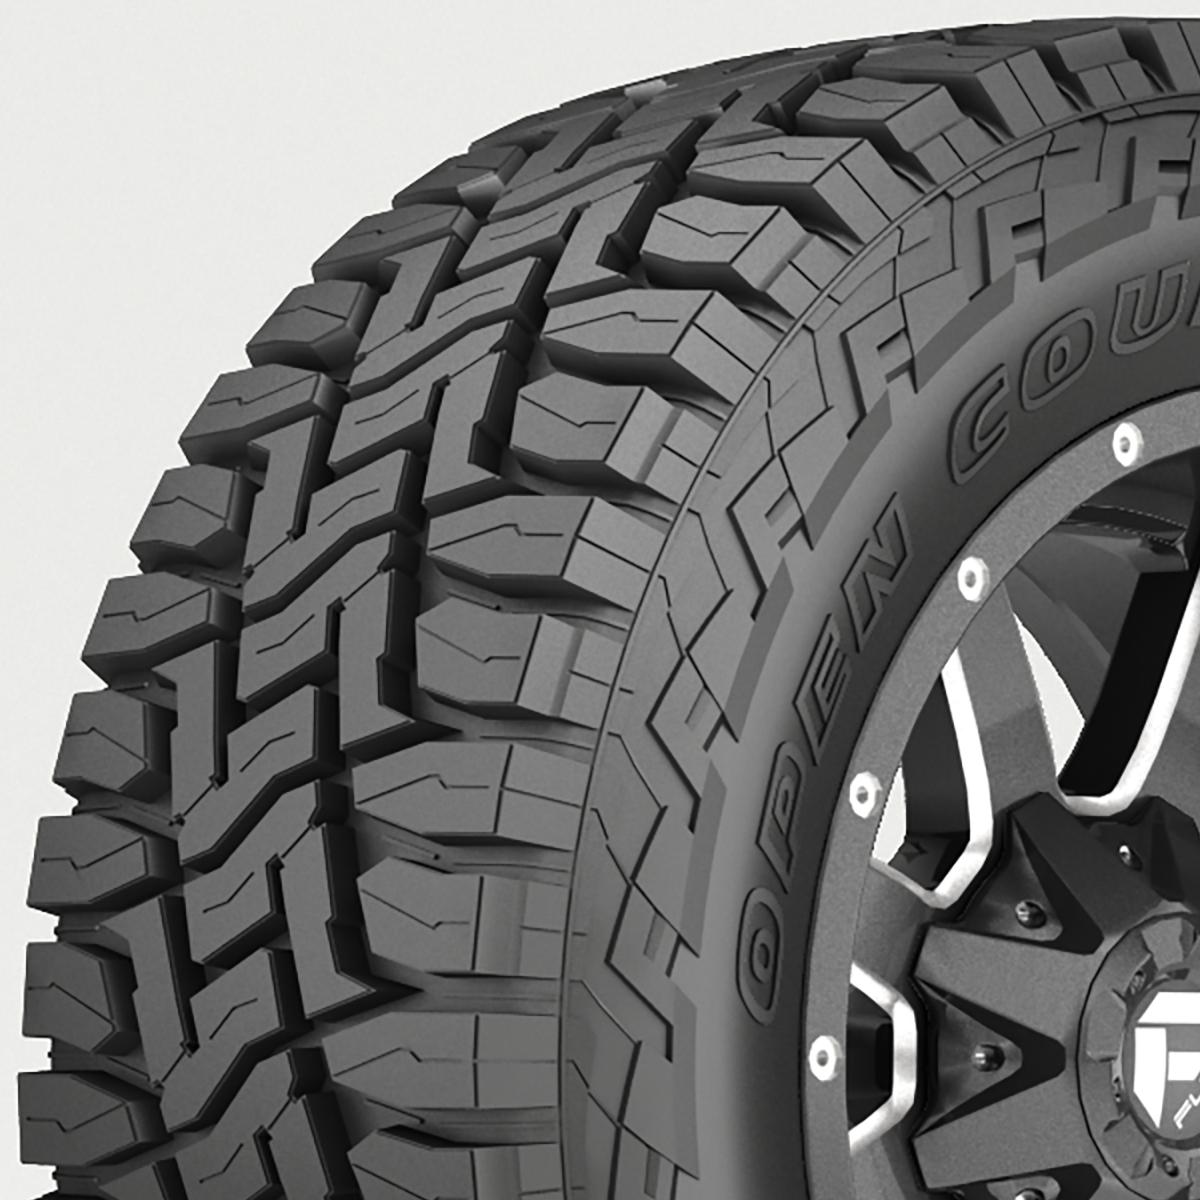 off road wheel and tire 7 3d model 3ds max fbx tga targa icb vda vst pix obj 282490